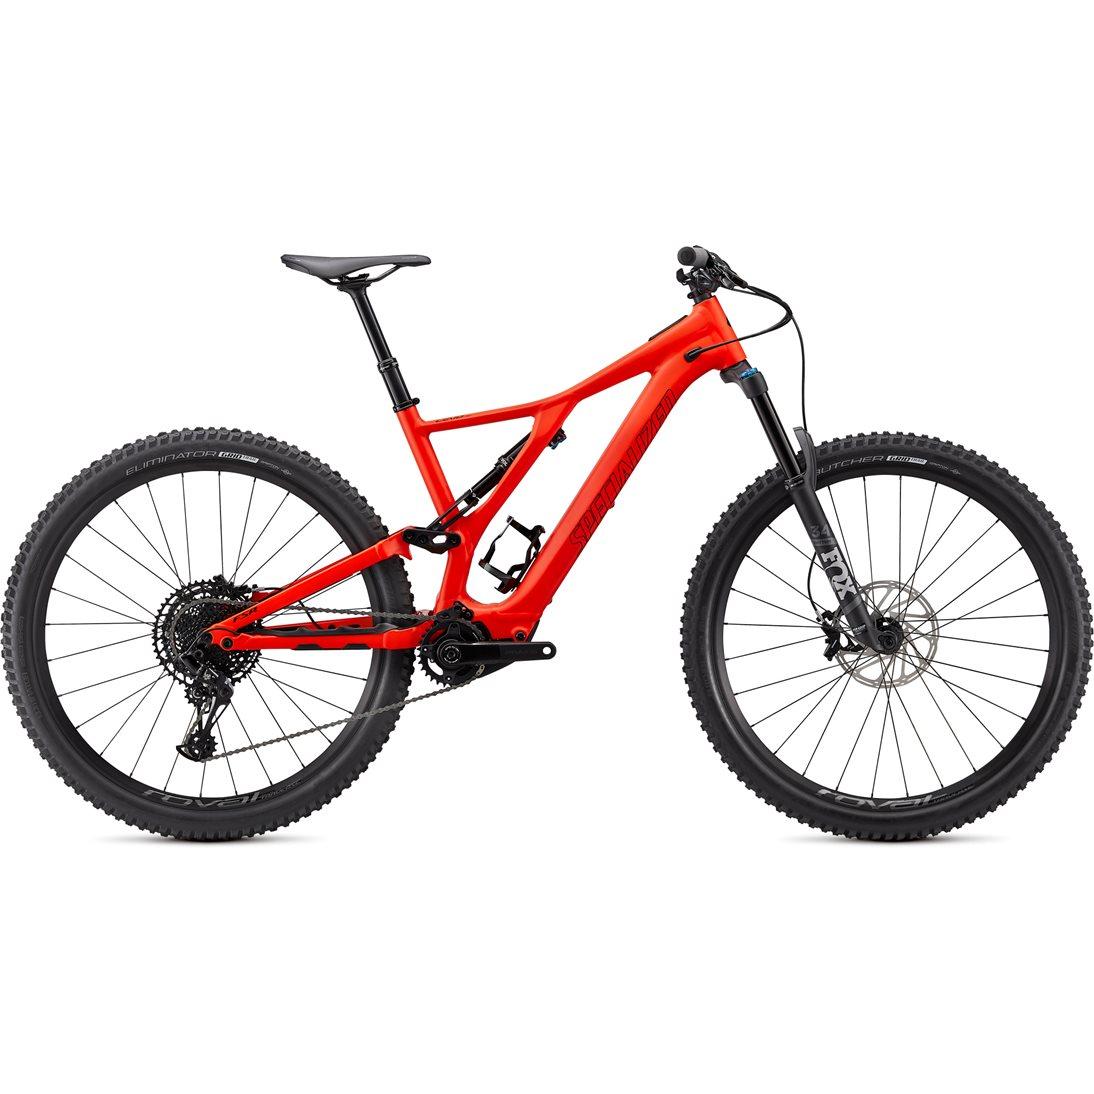 Specialized Turbo Levo SL Comp 2021 Electric Mountain Bike